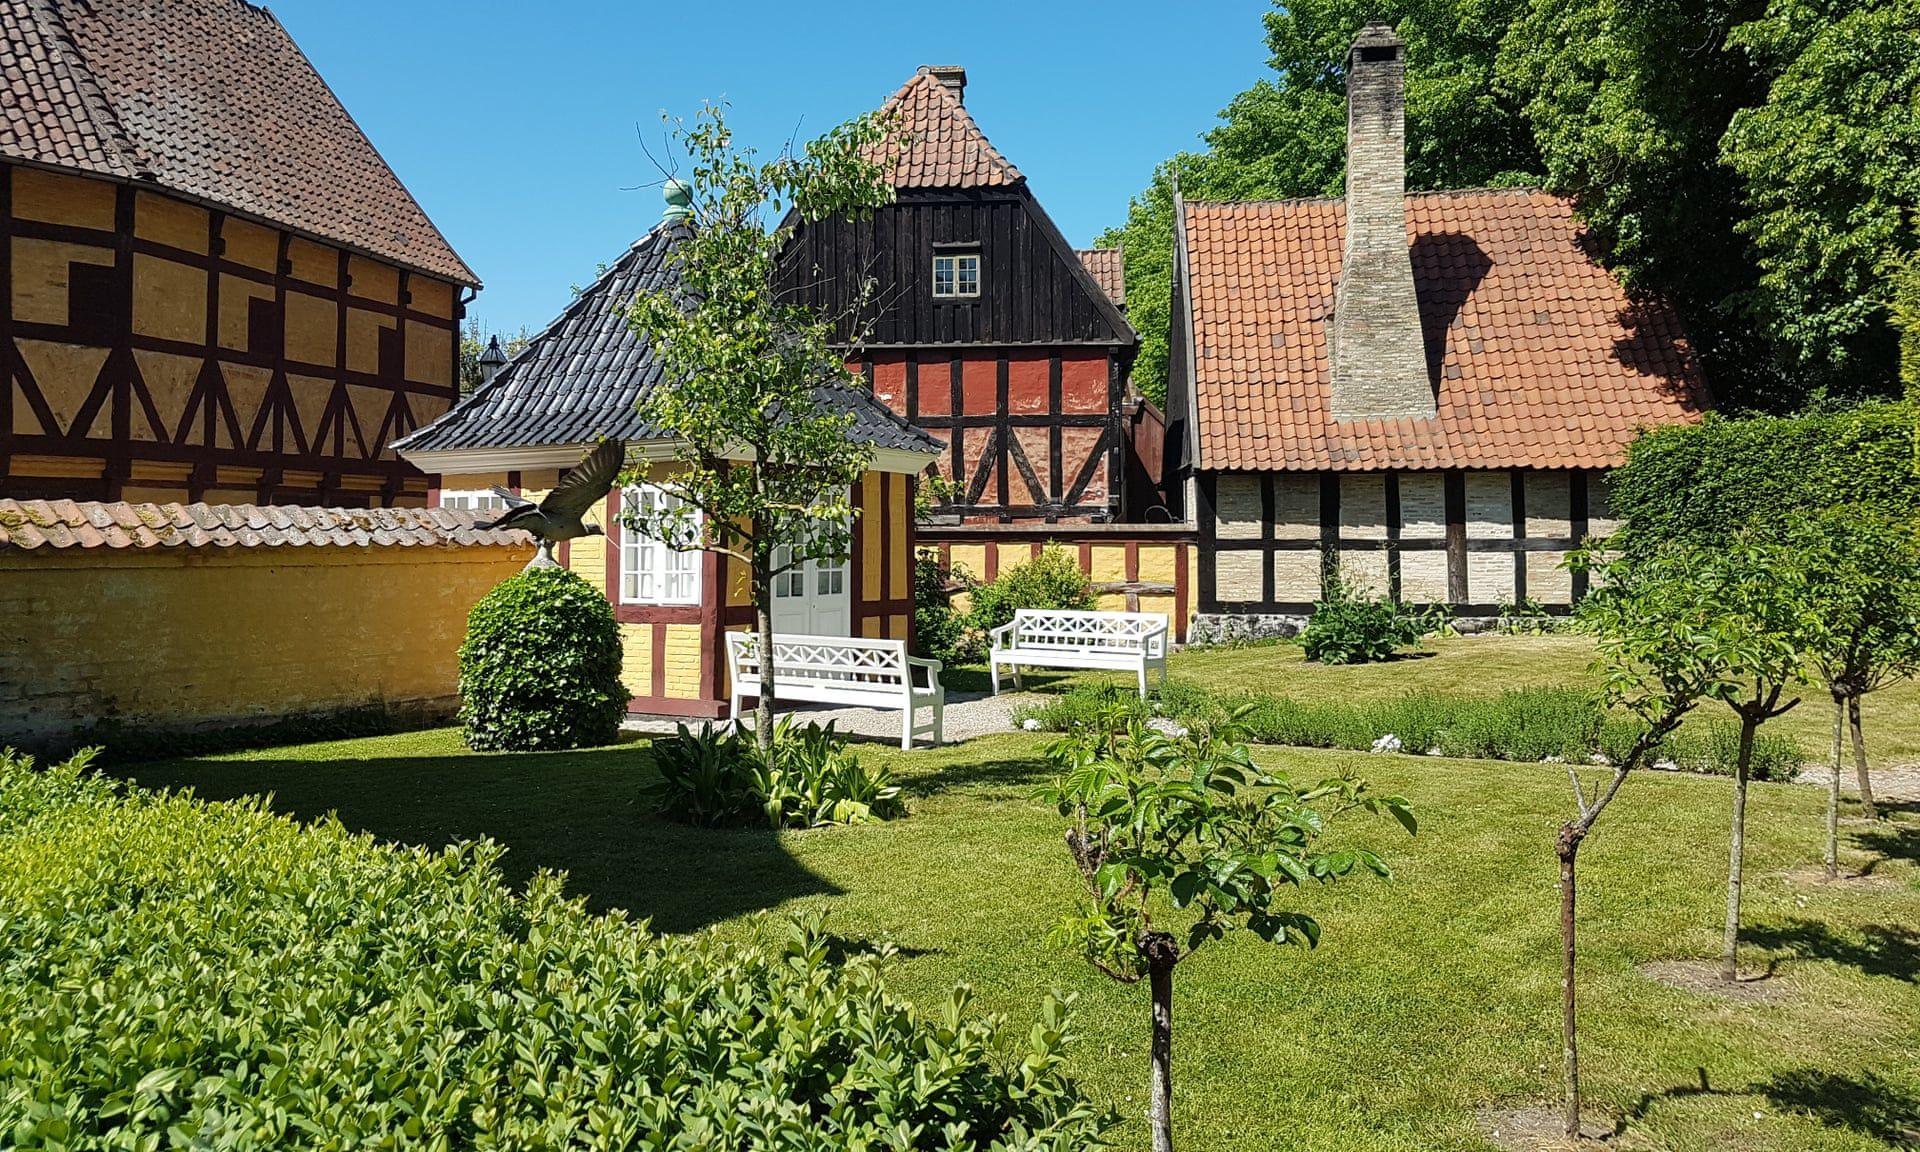 Музей старого міста, Орхус. Данія.